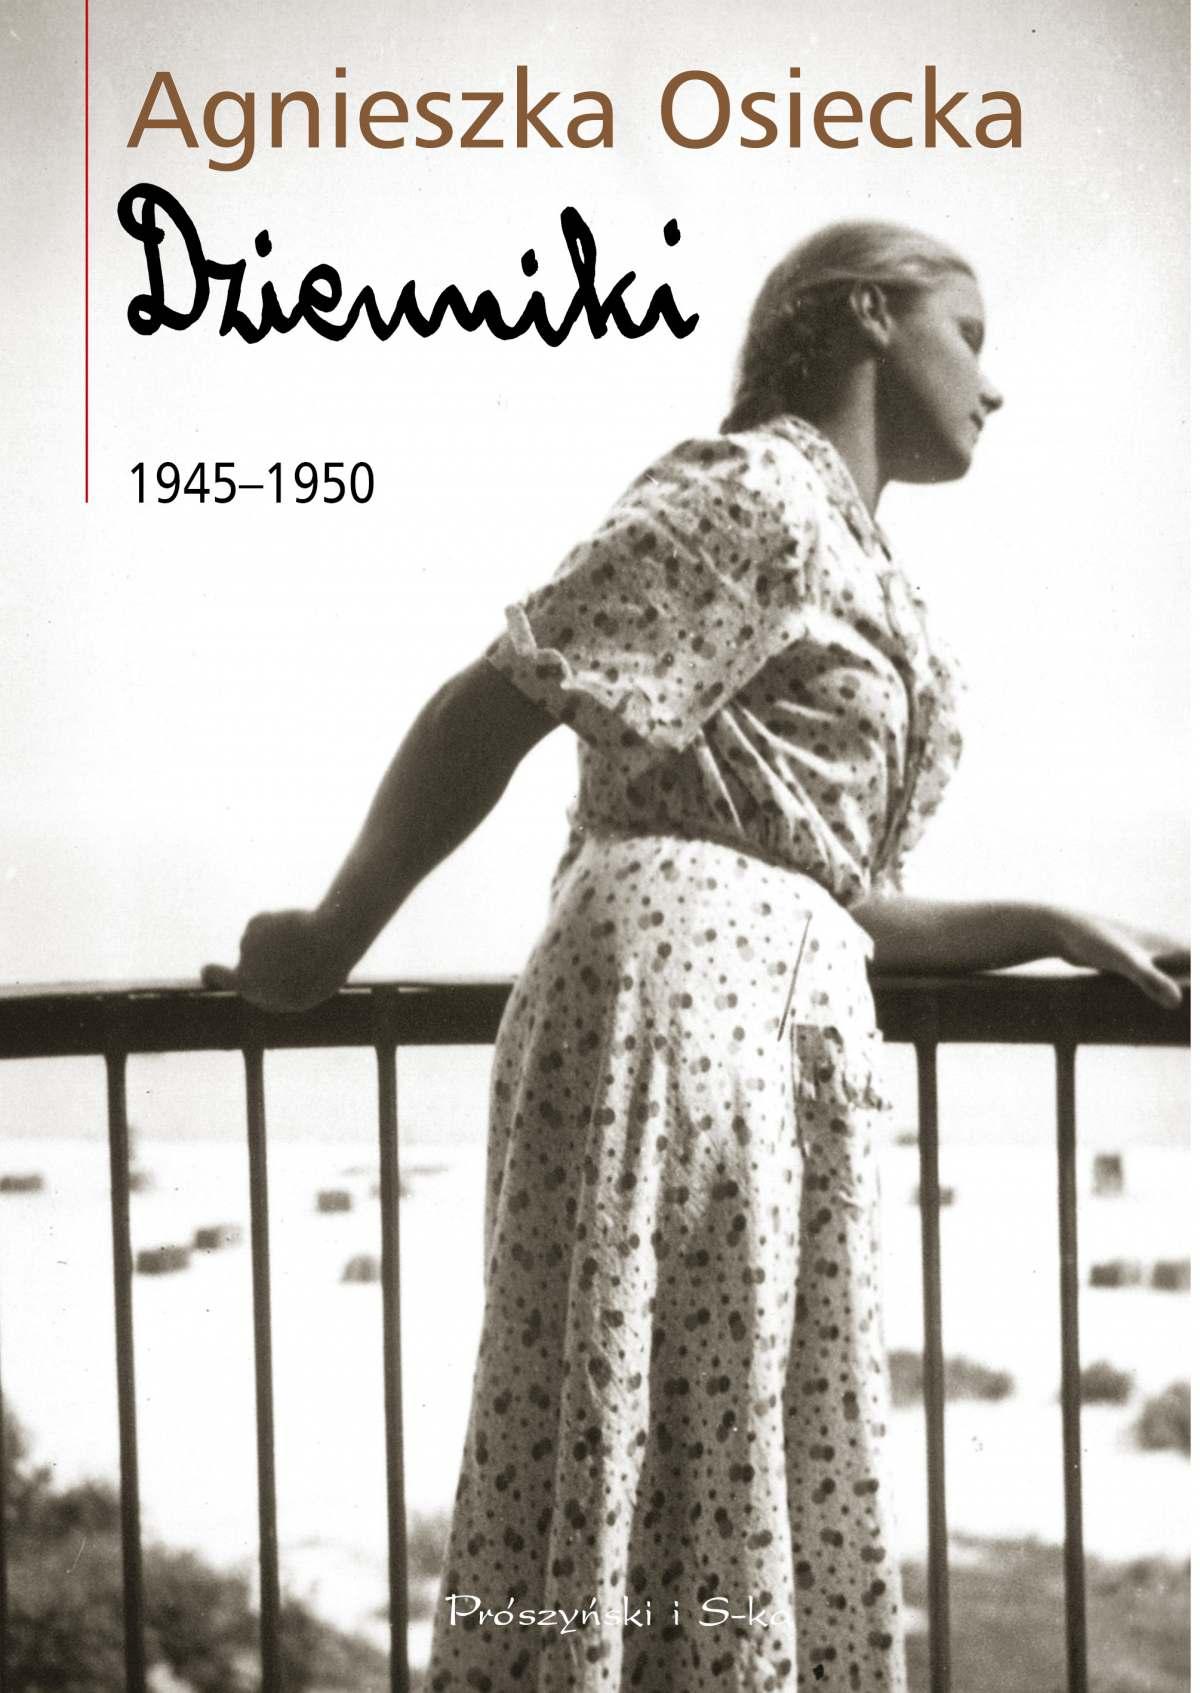 Dzienniki 1945-1950 - Ebook (Książka na Kindle) do pobrania w formacie MOBI